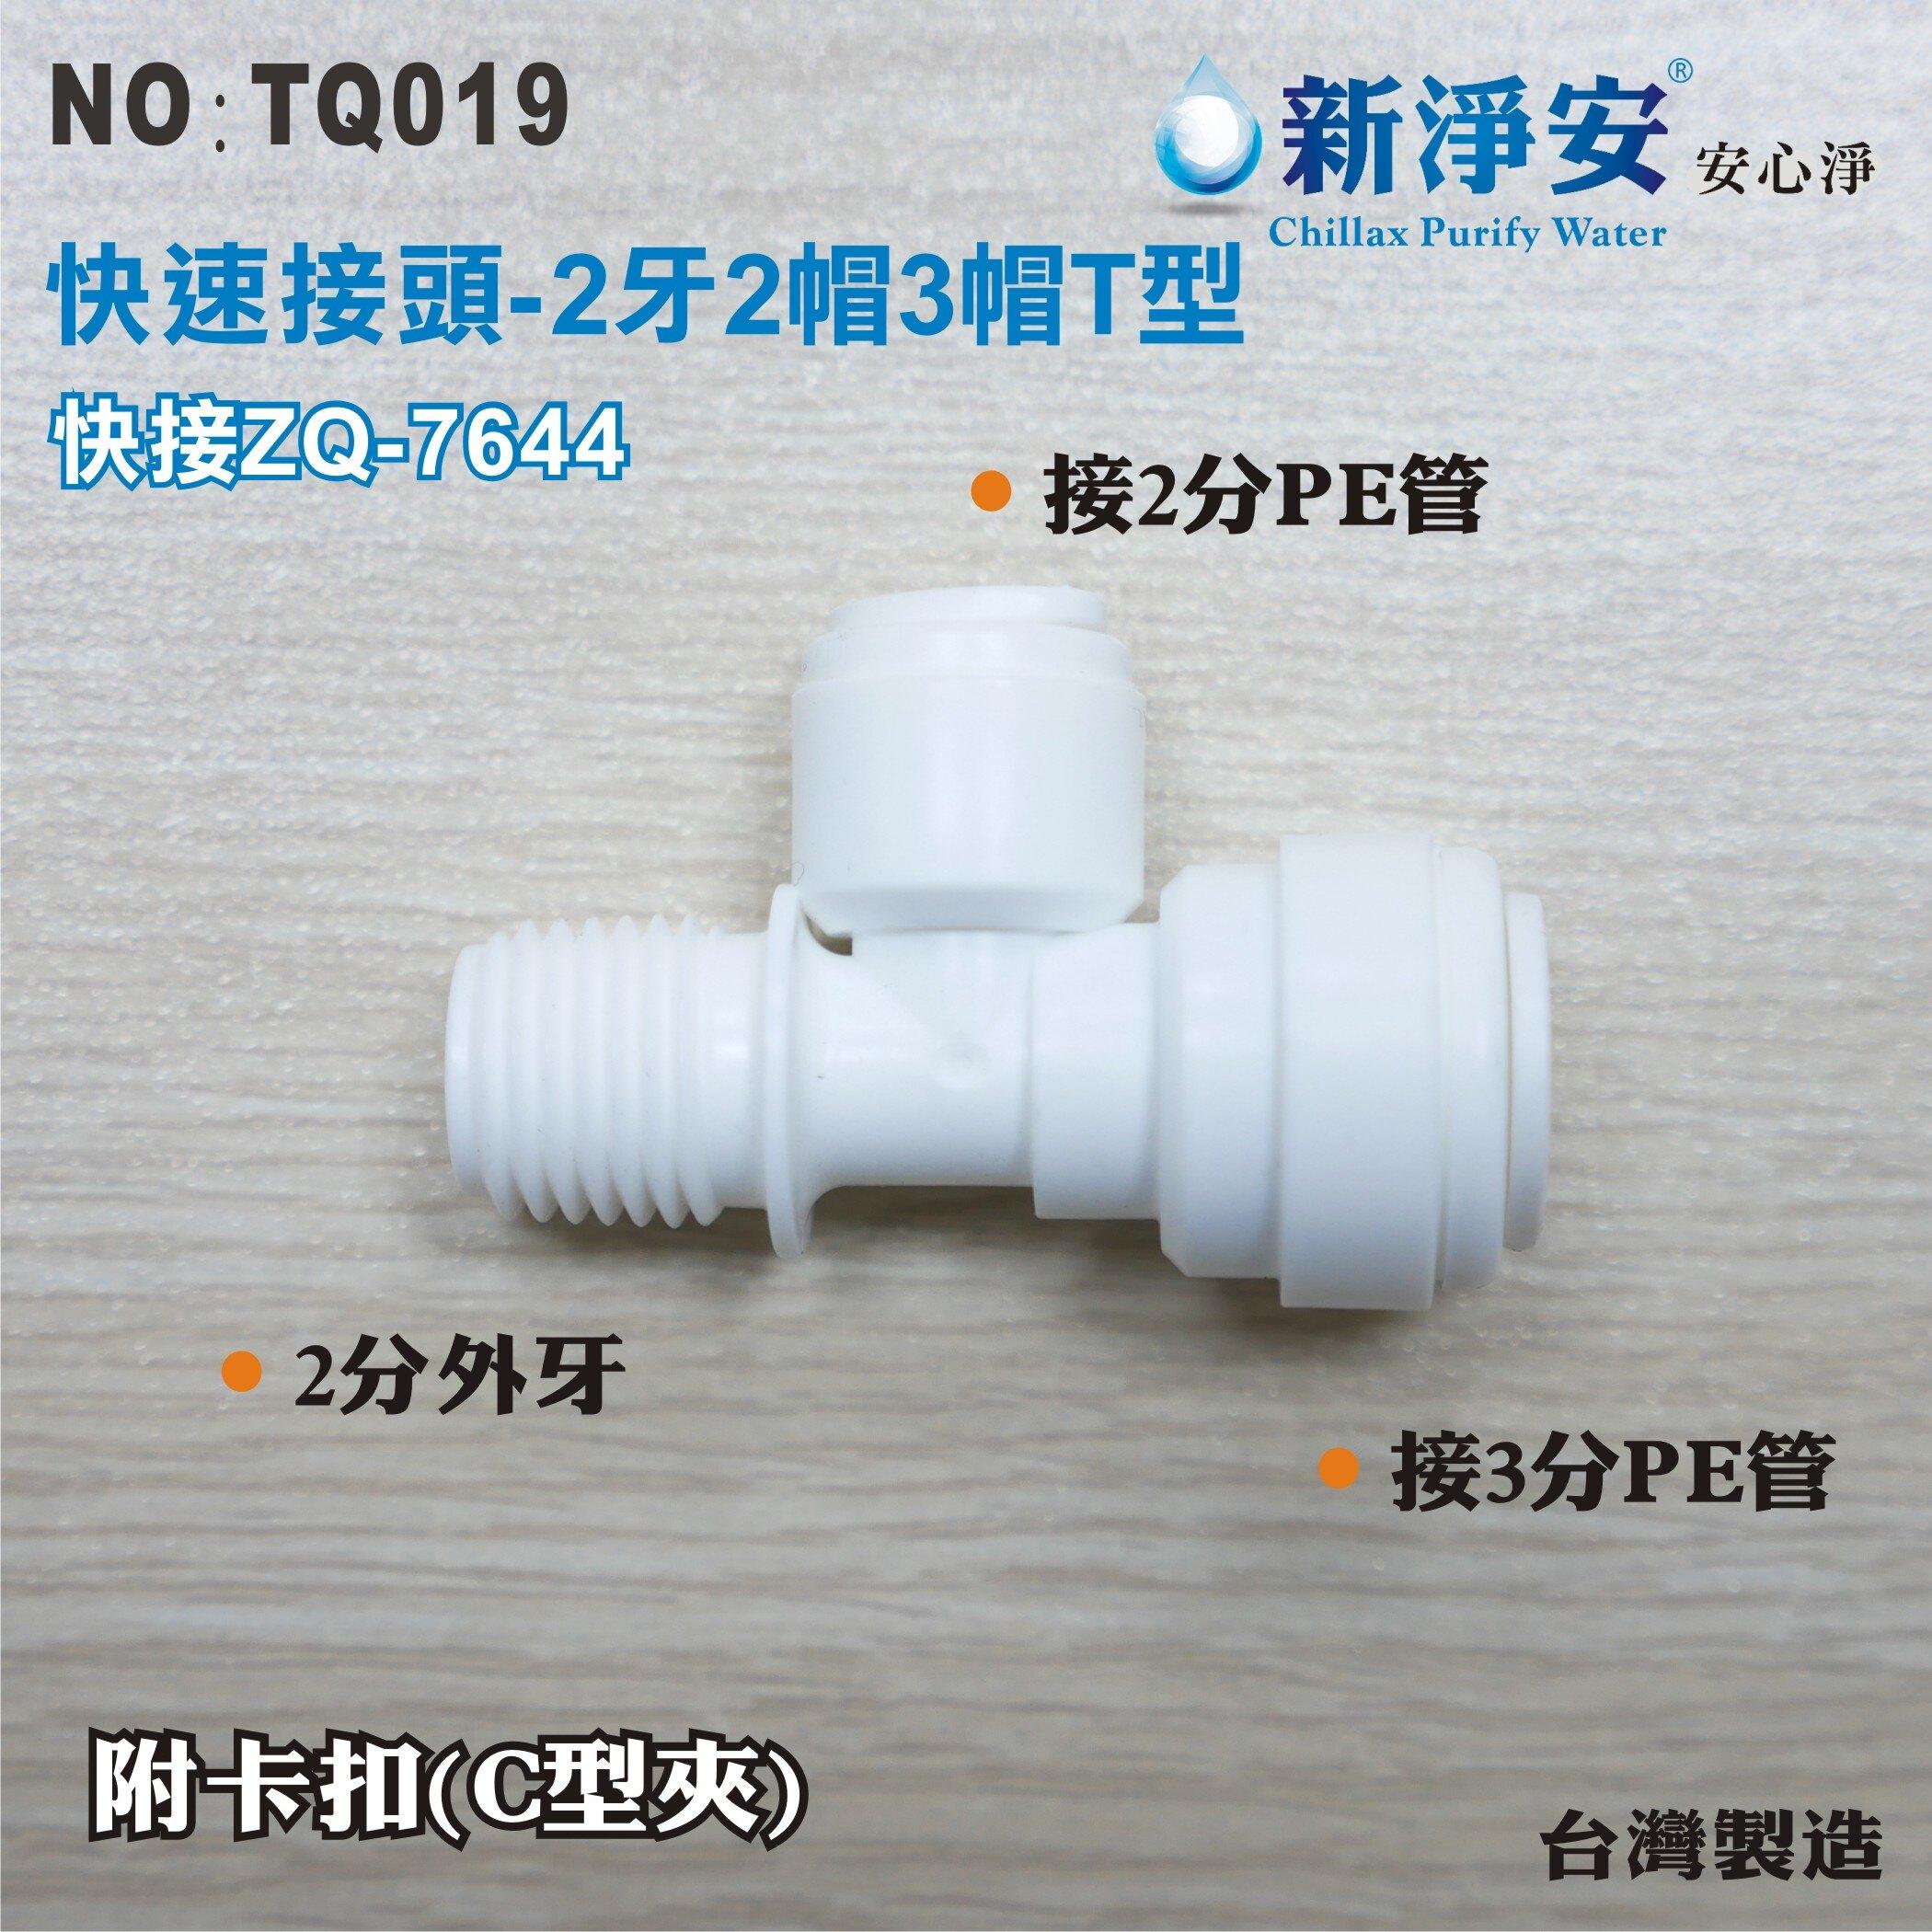 ◆開店慶衝評價◆【新裕淨水】ZQ-7644 塑膠快速接頭 2分管三通接頭 2牙2帽3帽T型 淨水器用(TQ019)